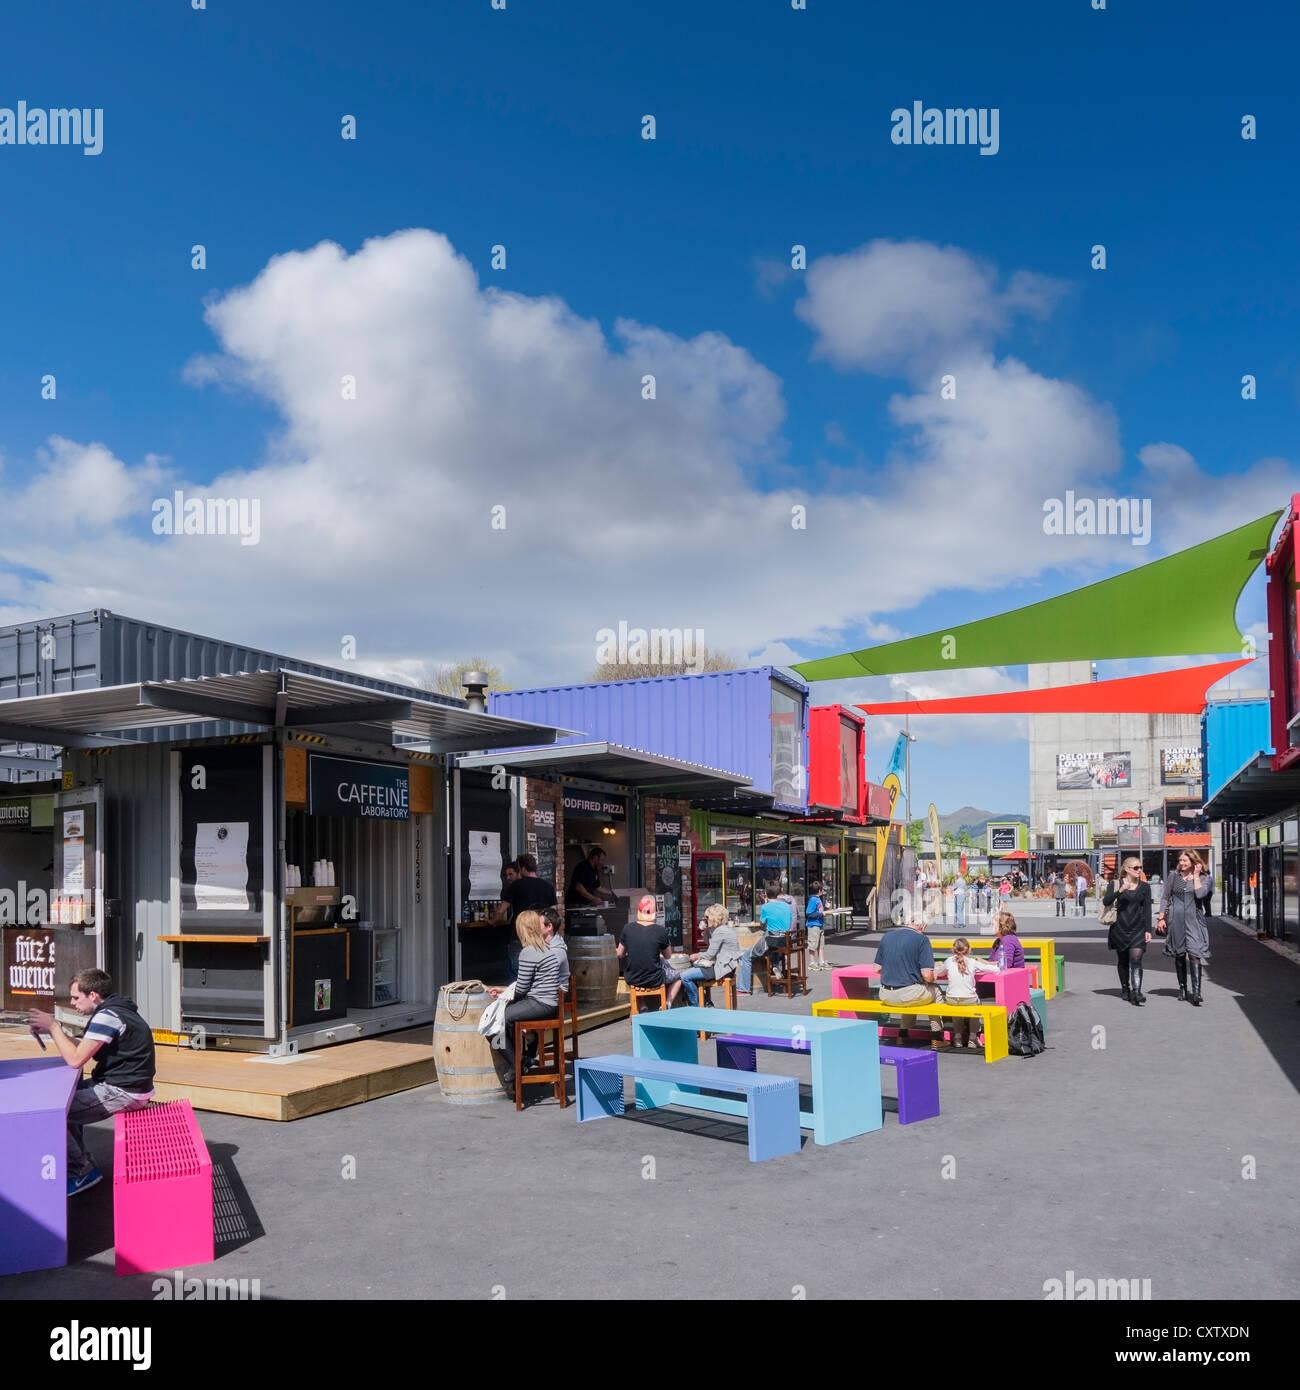 Menschen entspannen in einer Outdoor-Café in der Container-Mall, Christchurch, Neuseeland. Stockbild